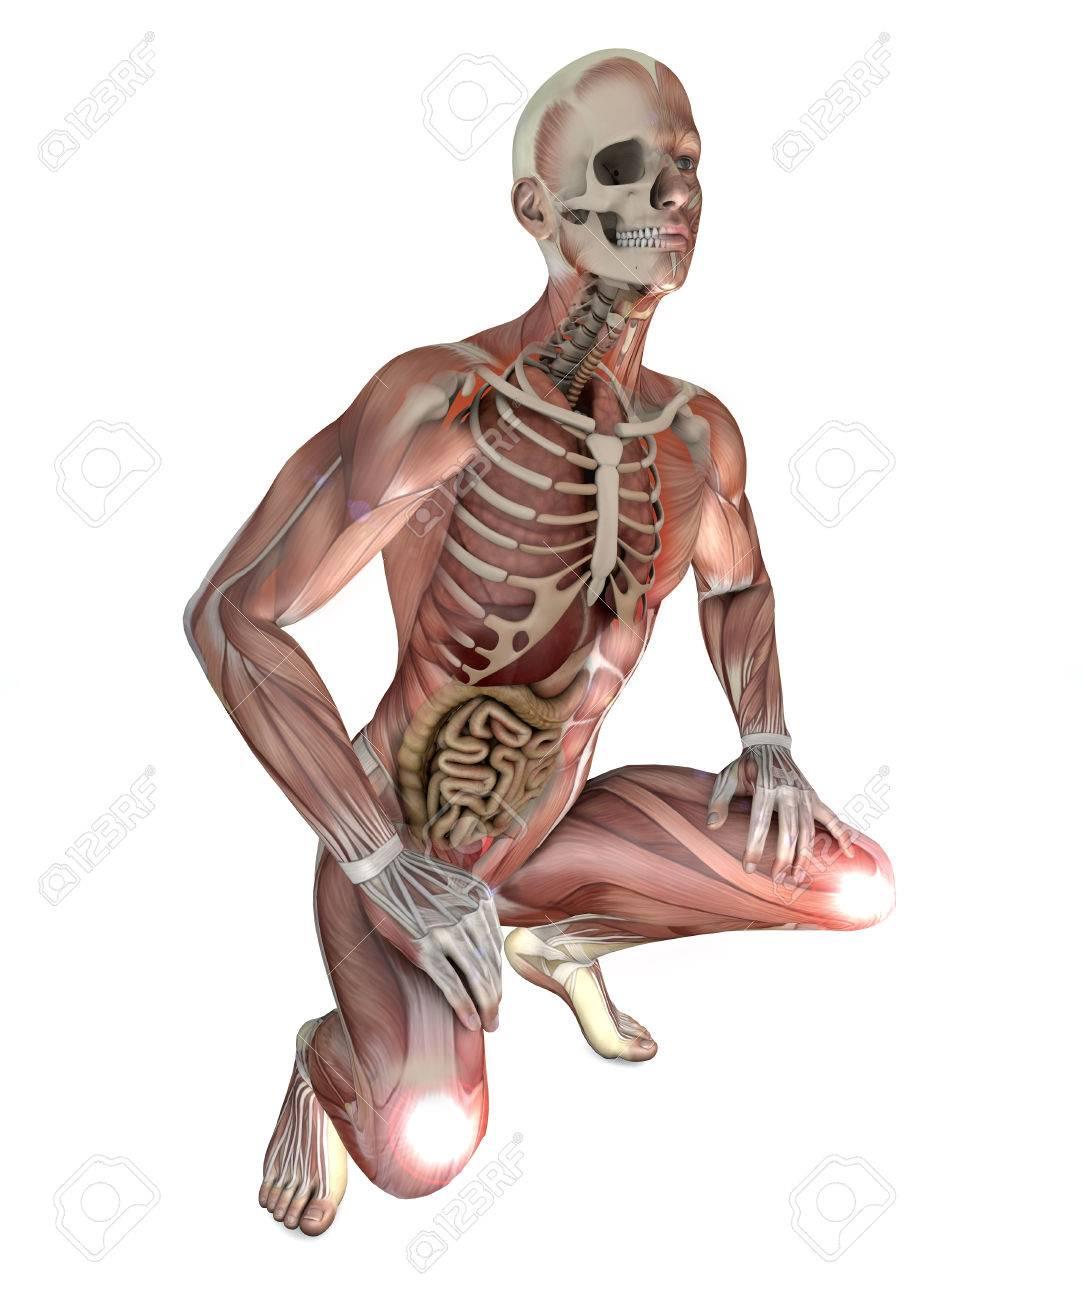 Großartig Muskel Skelett Anatomie Malbuch Bilder - Malvorlagen Von ...